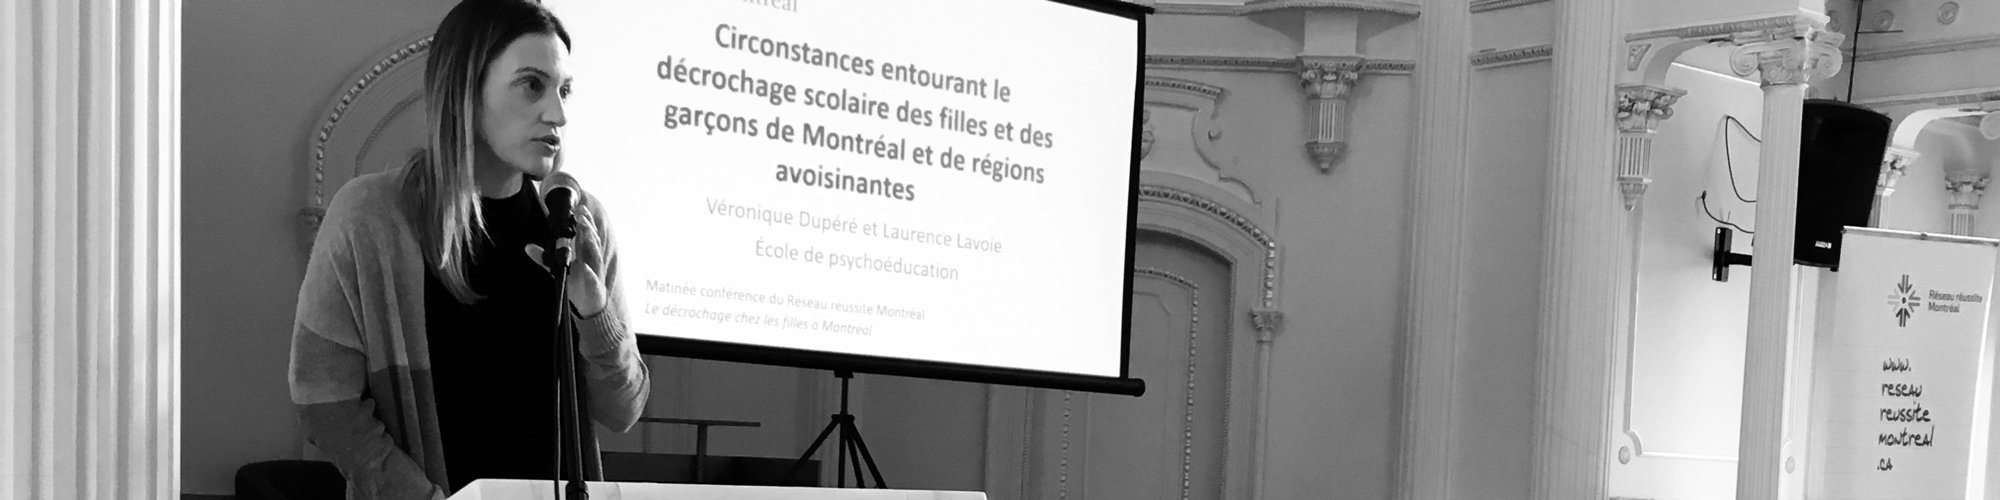 Véronique Dupéré présente des données inédites